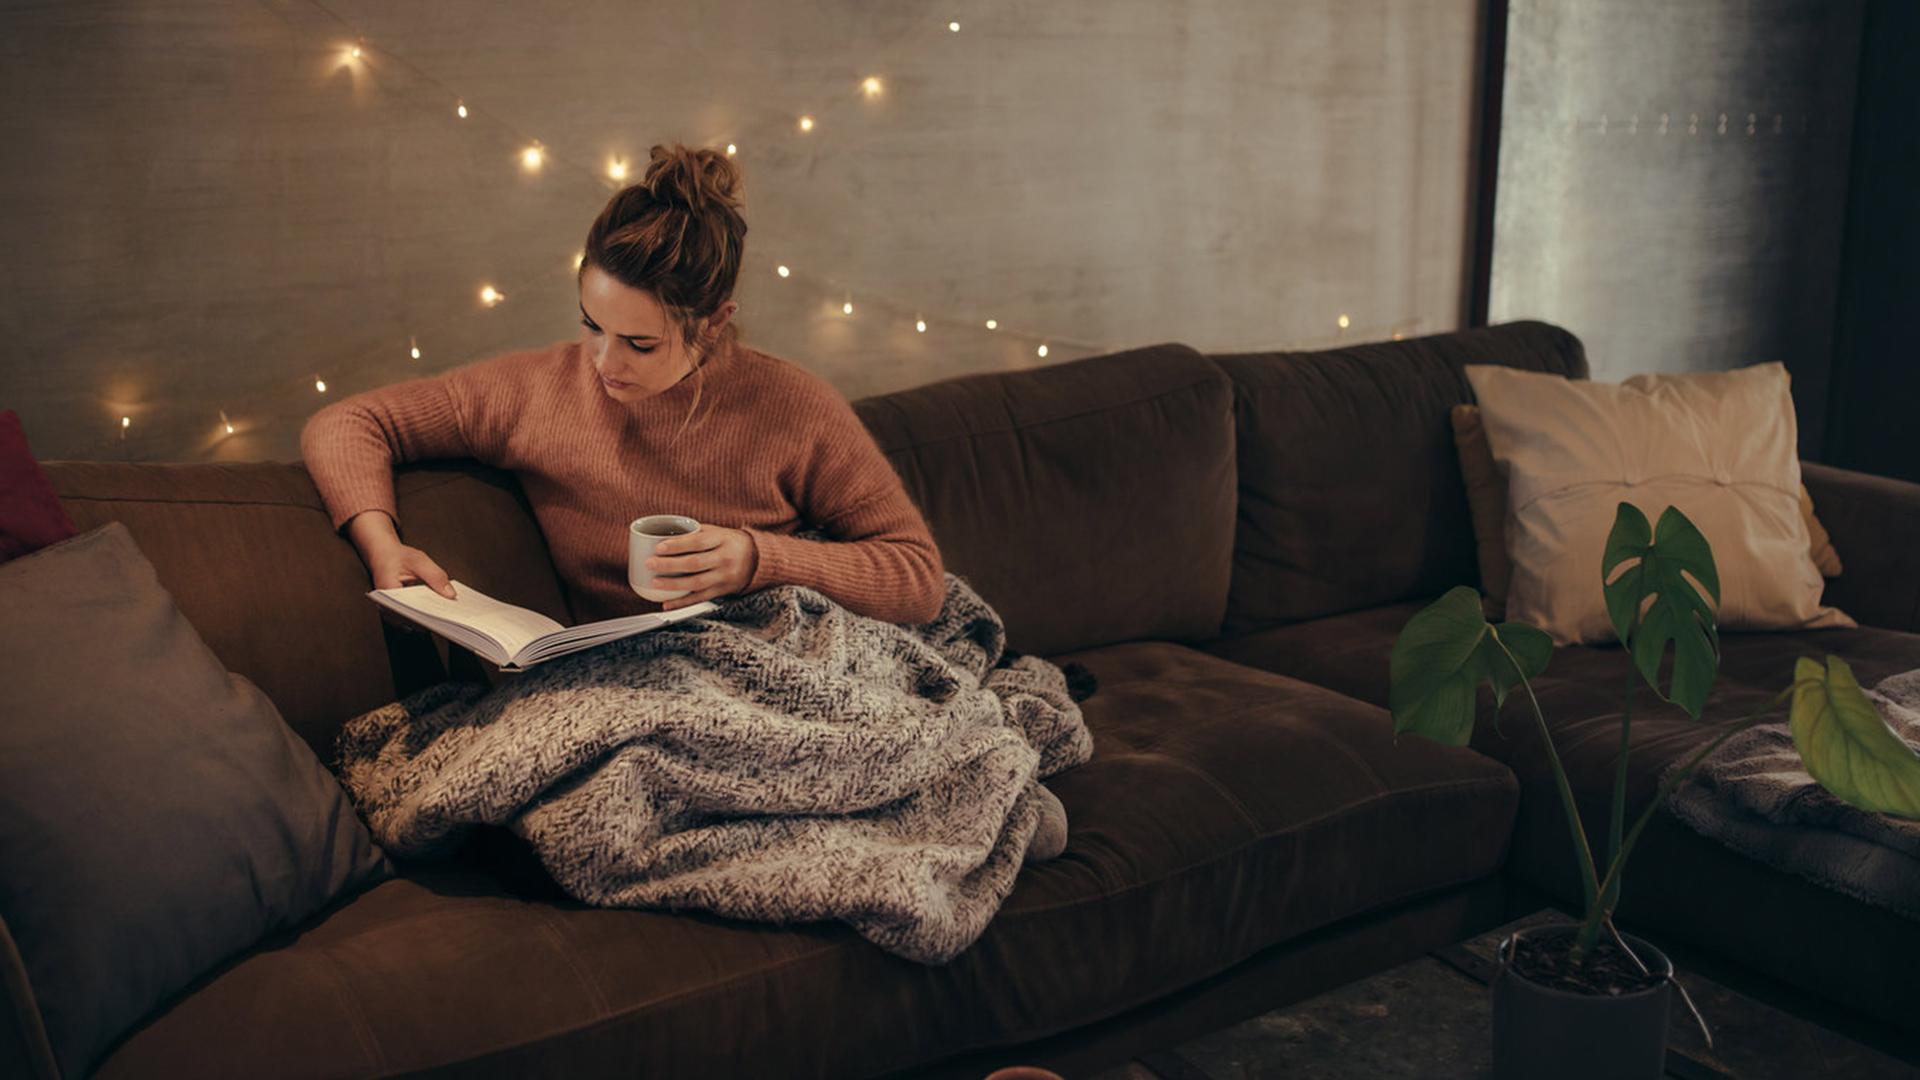 Αποτέλεσμα εικόνας για ομορφη κοπέλα που διαβάζει βιβλίο